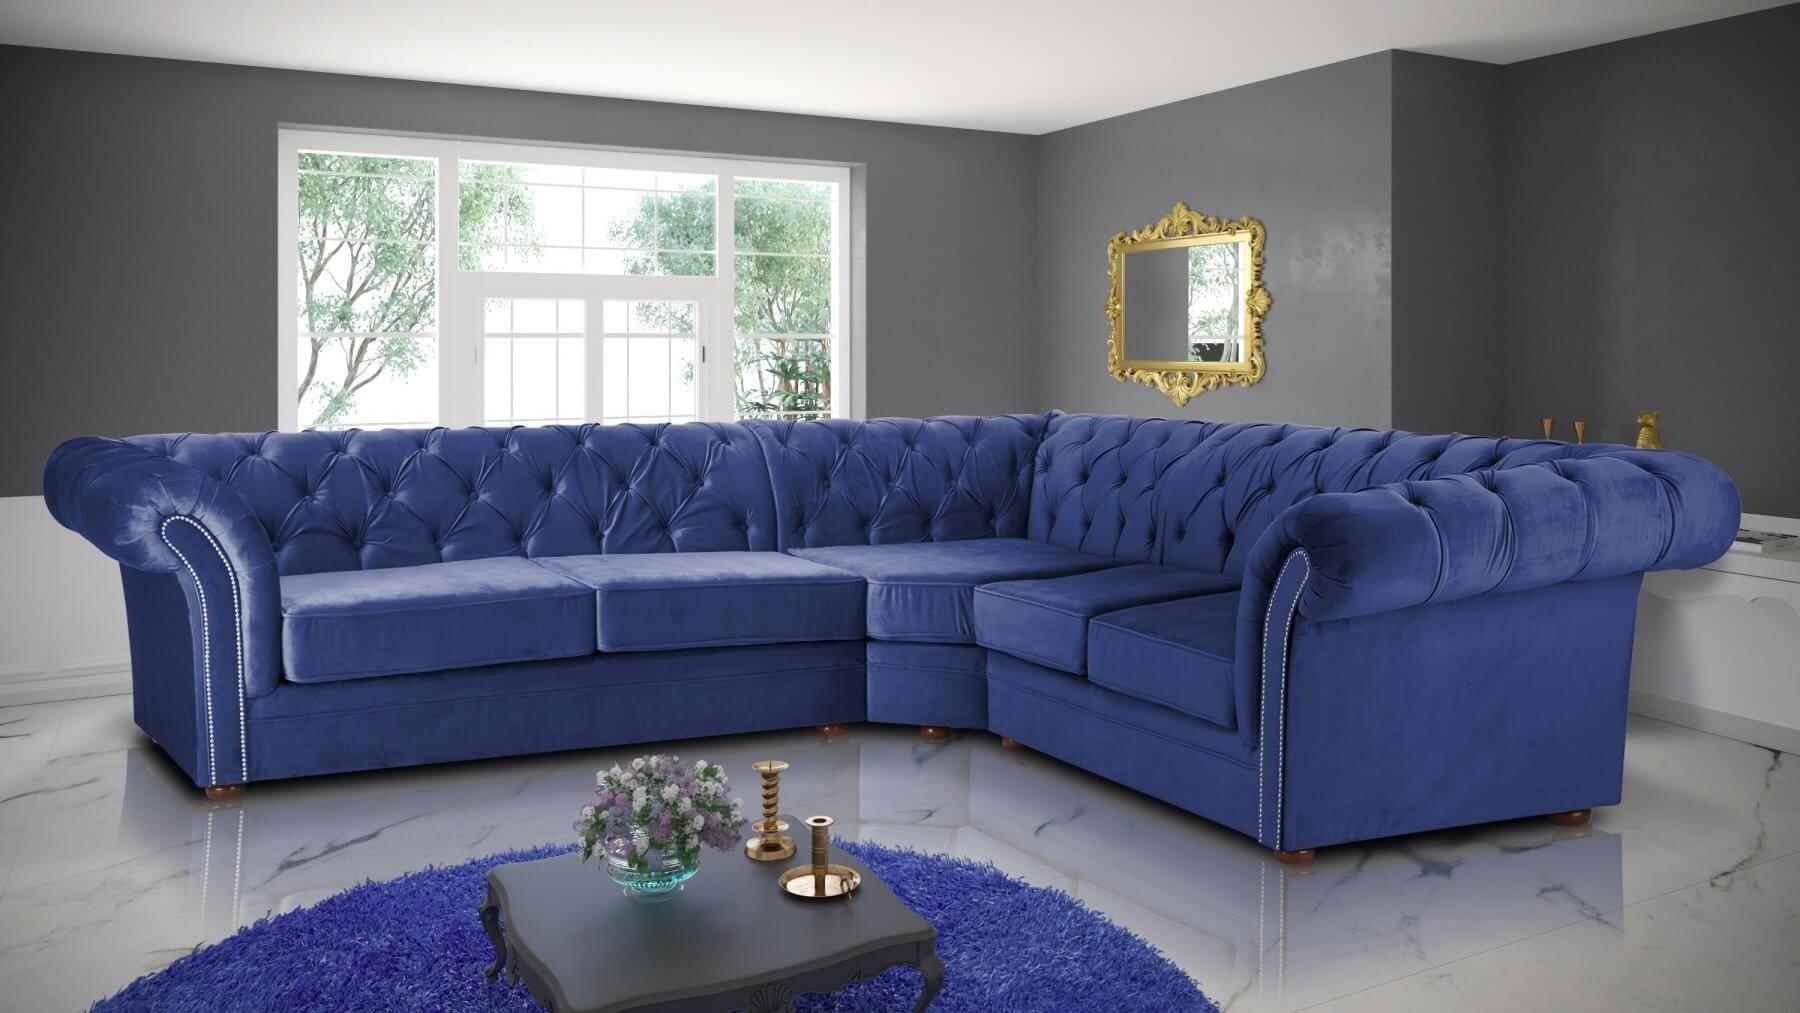 Velvet Chesterfield Marine Blue Corner 3c2 Nelson Sofa Corner Sofa Design Chesterfield Corner Sofa Living Room Sofa Design